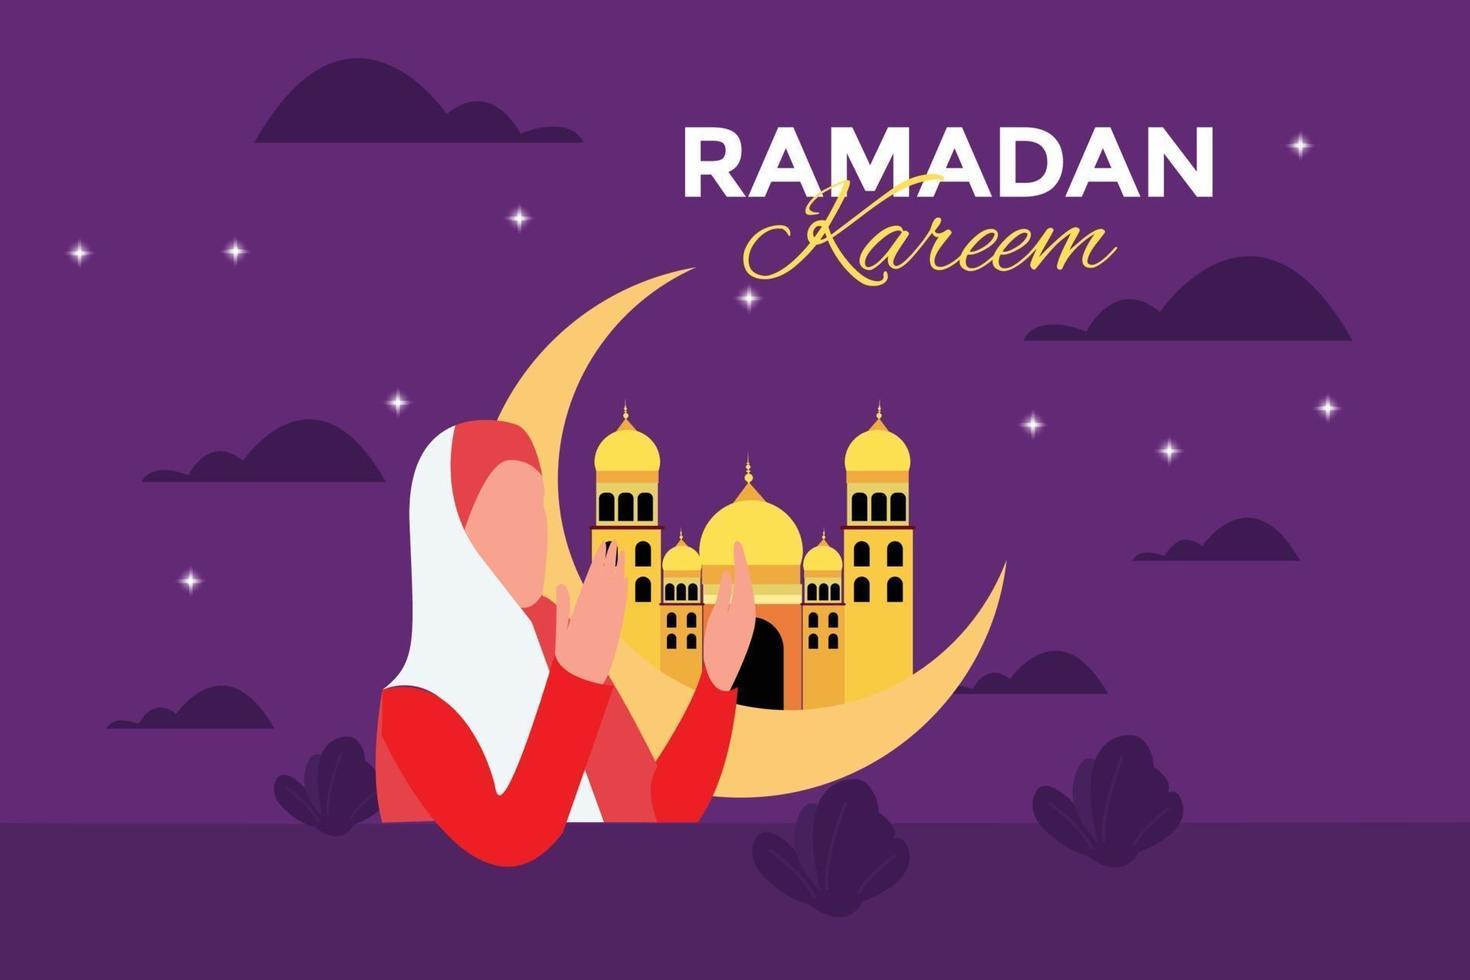 platt ramadan kareem illustration vektor